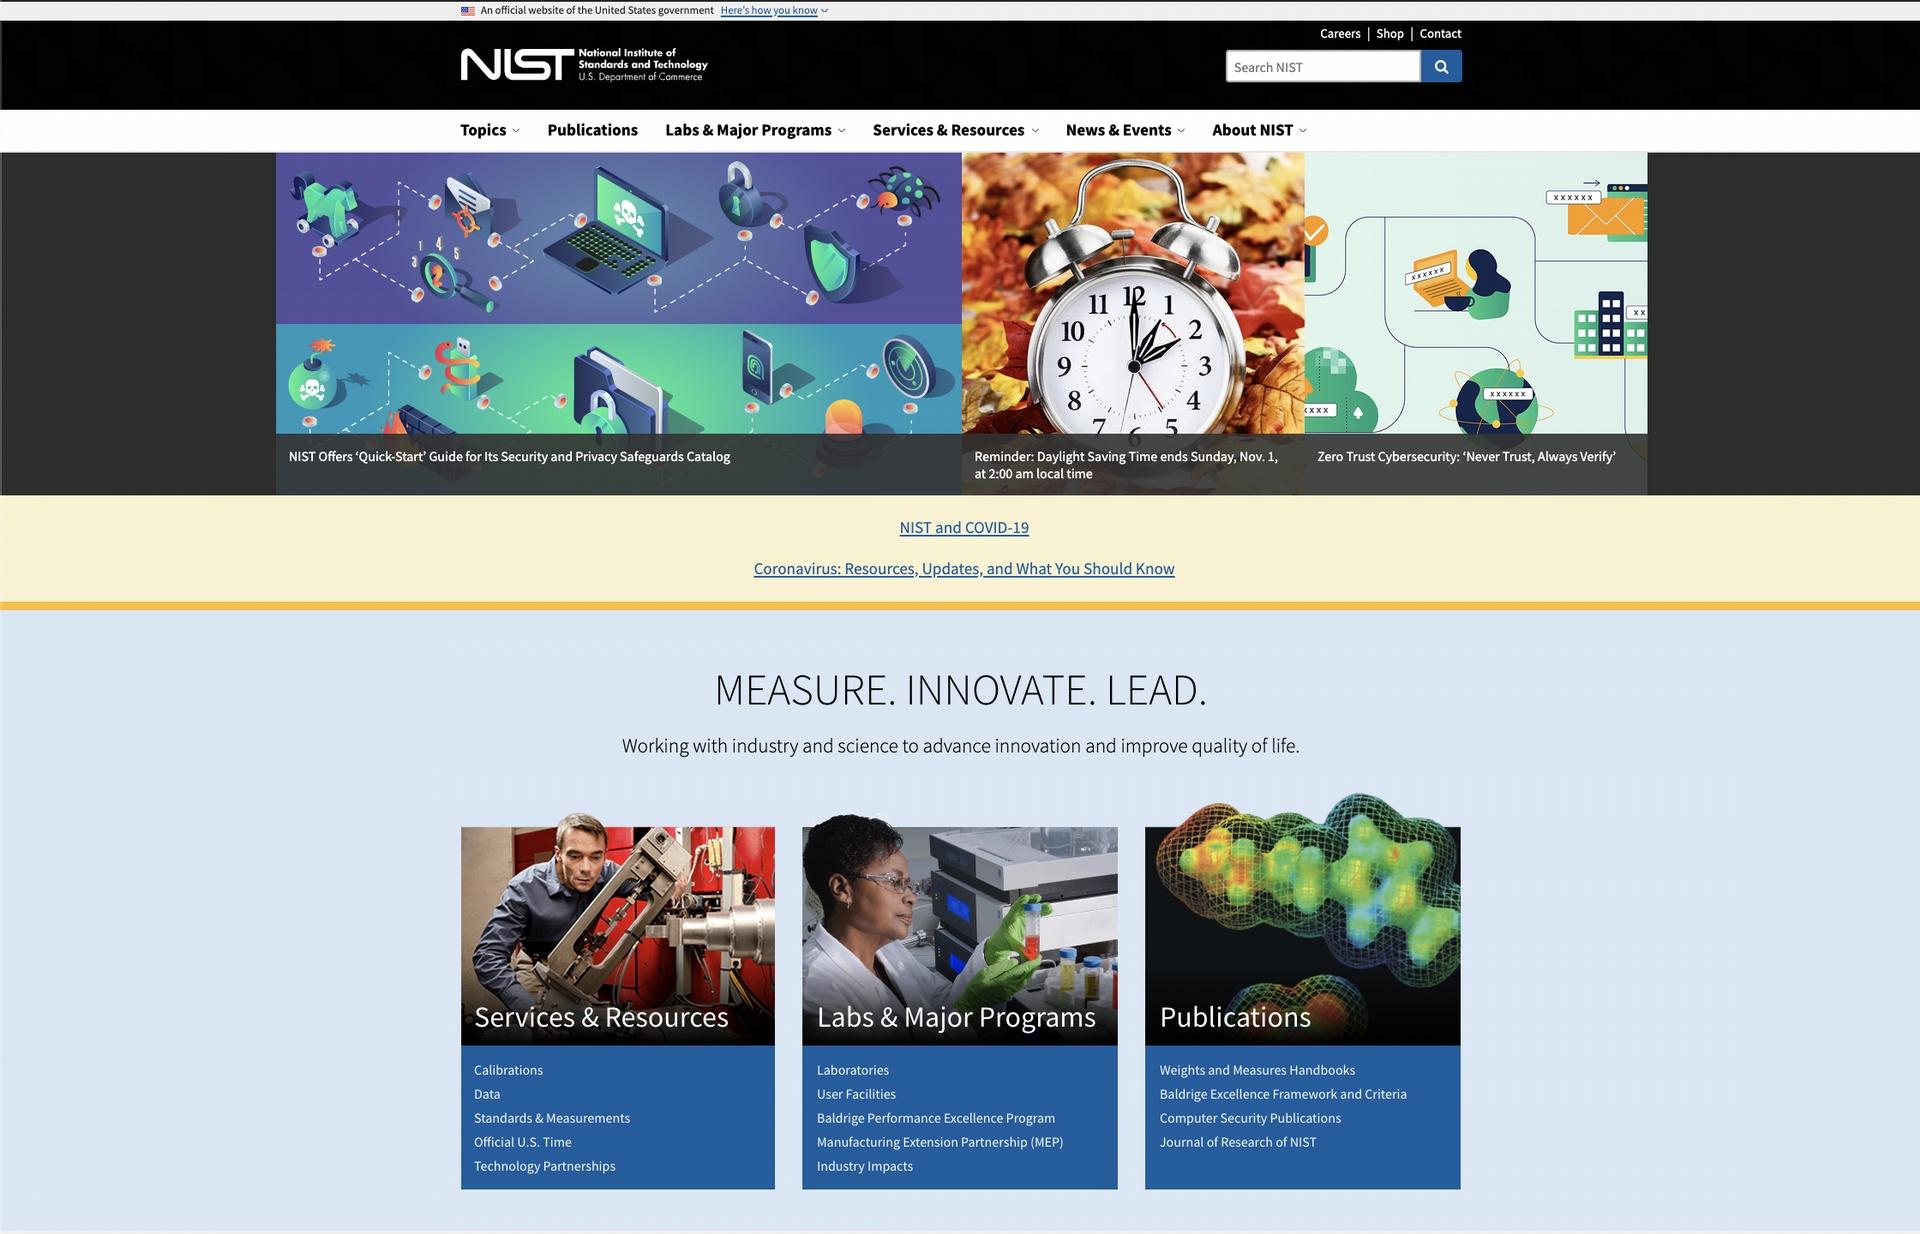 美國國家標準暨技術研究院(National Institute of Standards and Technology,簡稱NIST),負責推動美國的度量衡學、標準、技術,例如後量子密碼標準化。因為美國官方標準通常也會通行世界,本次密碼學競賽結果預測將決定未來全球密碼學標準。 圖│美國國家標準暨技術研究院官方網站